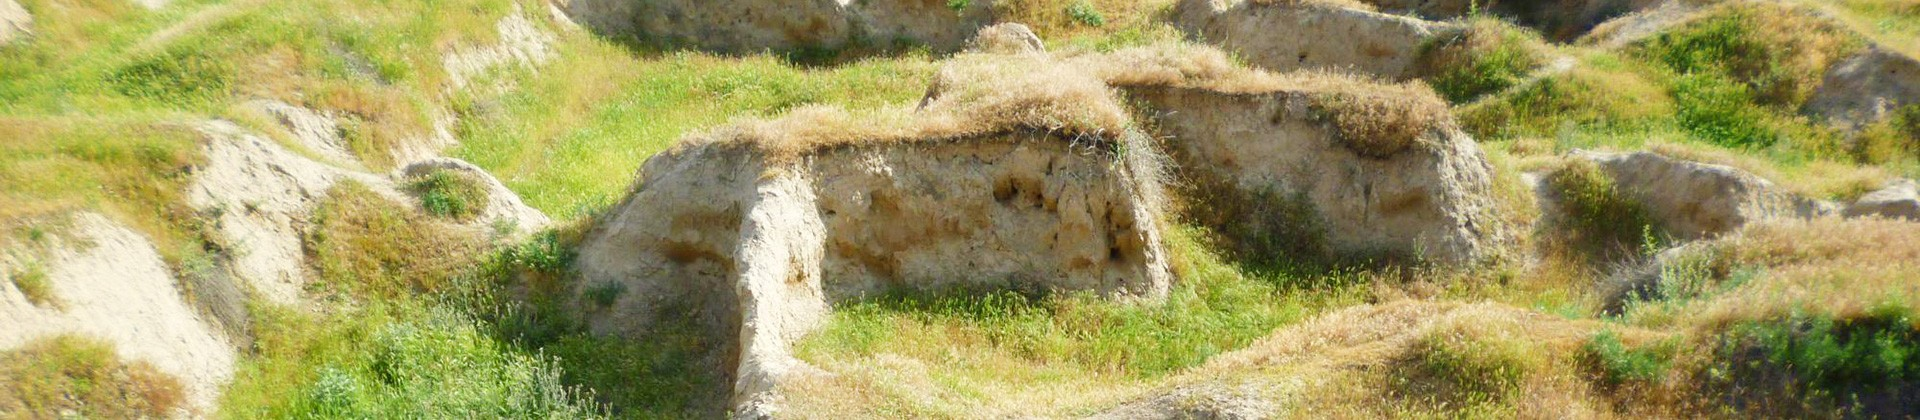 Ruins of Afrasiab Settlement - 1